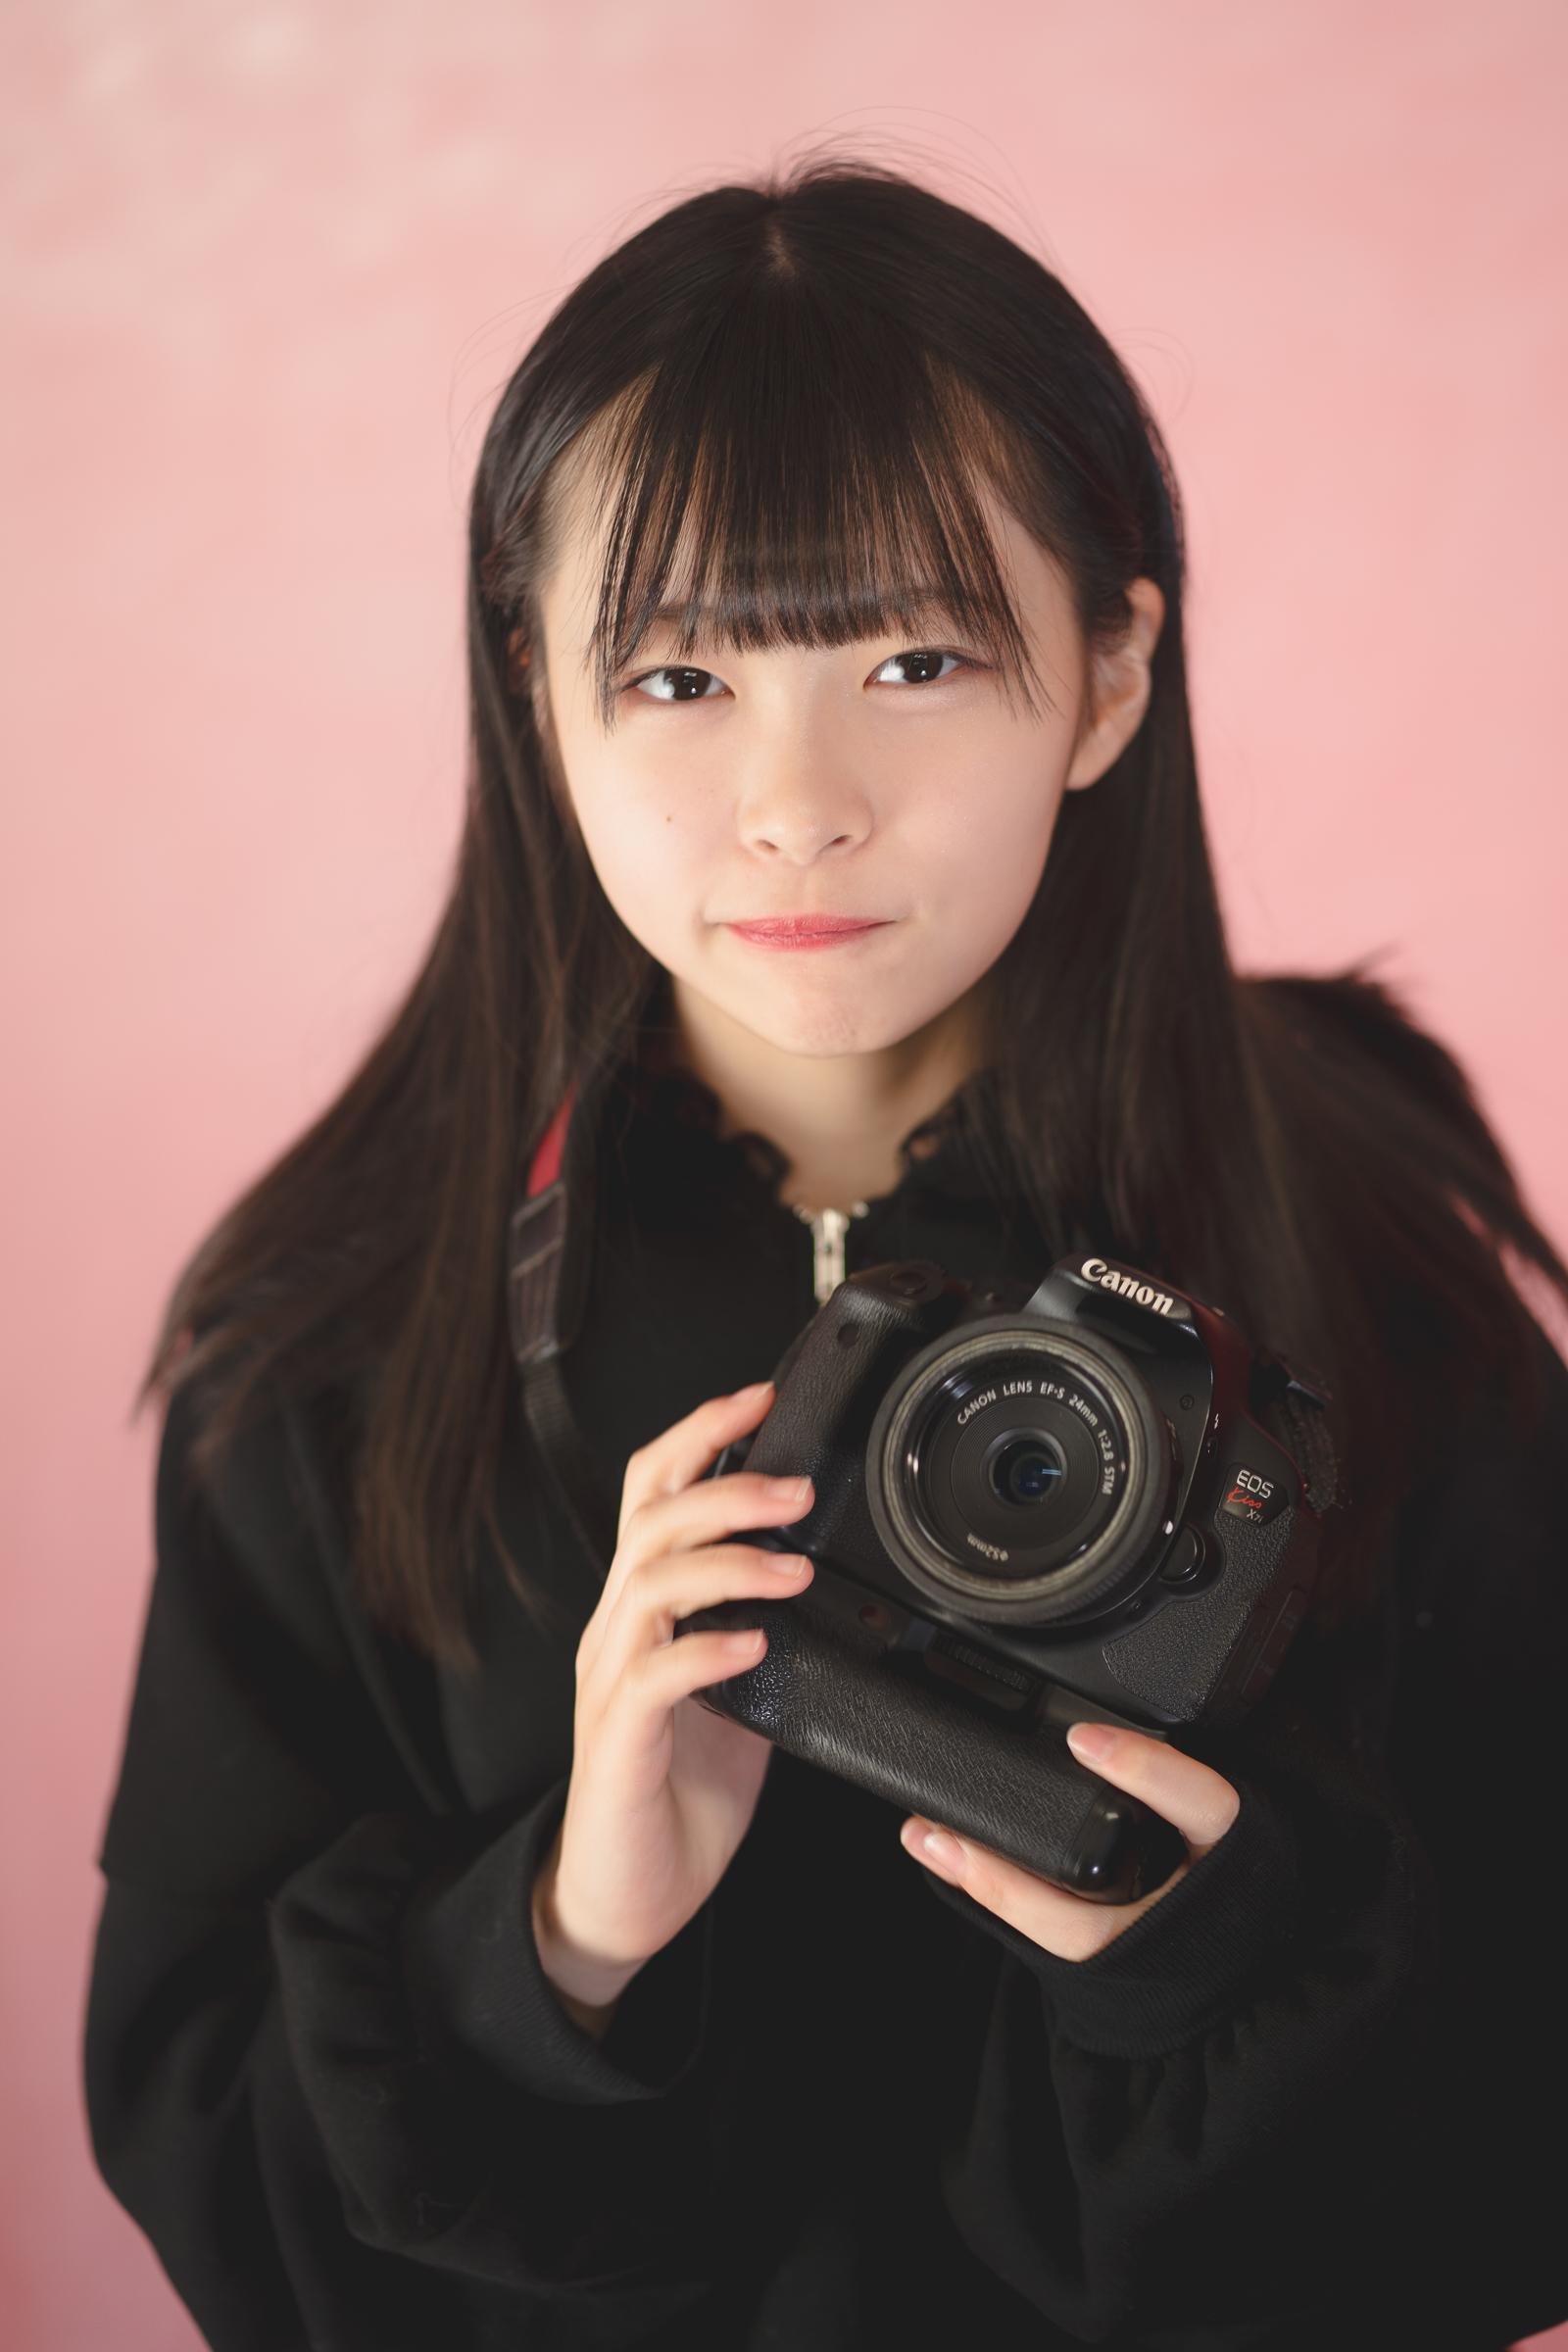 フルーティー♡ ゆめか ( 木村夢叶 )   SMP 札幌モデルプロ 撮影会